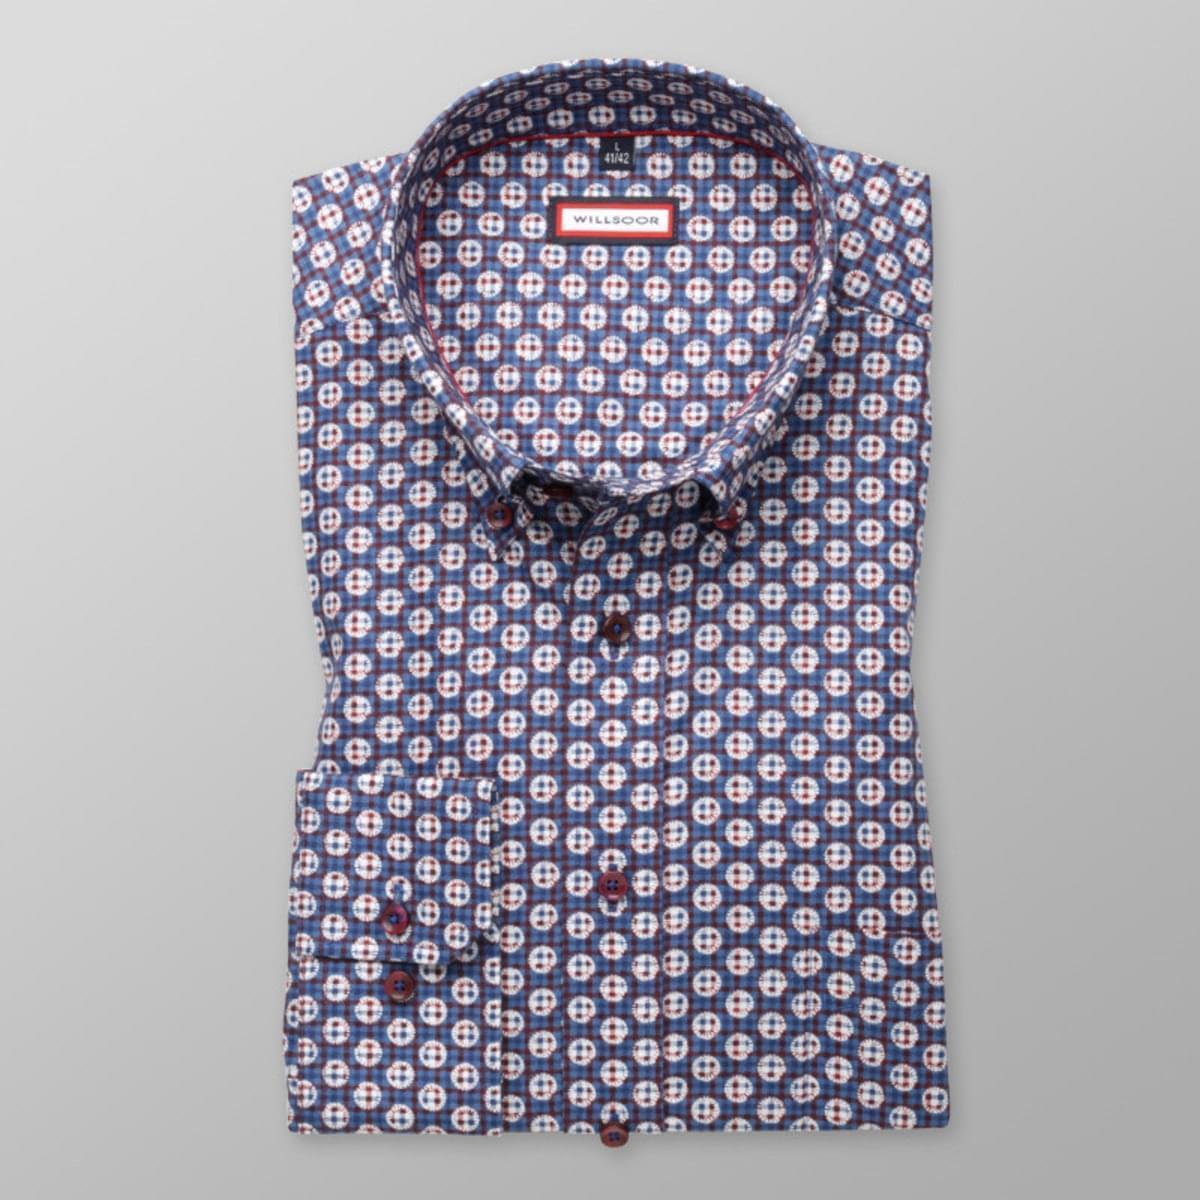 Pánská klasická košile (výška 188-194) 7785 ve tmavě modré barvě s úpravou easy care 188-194 / XL (43/44)